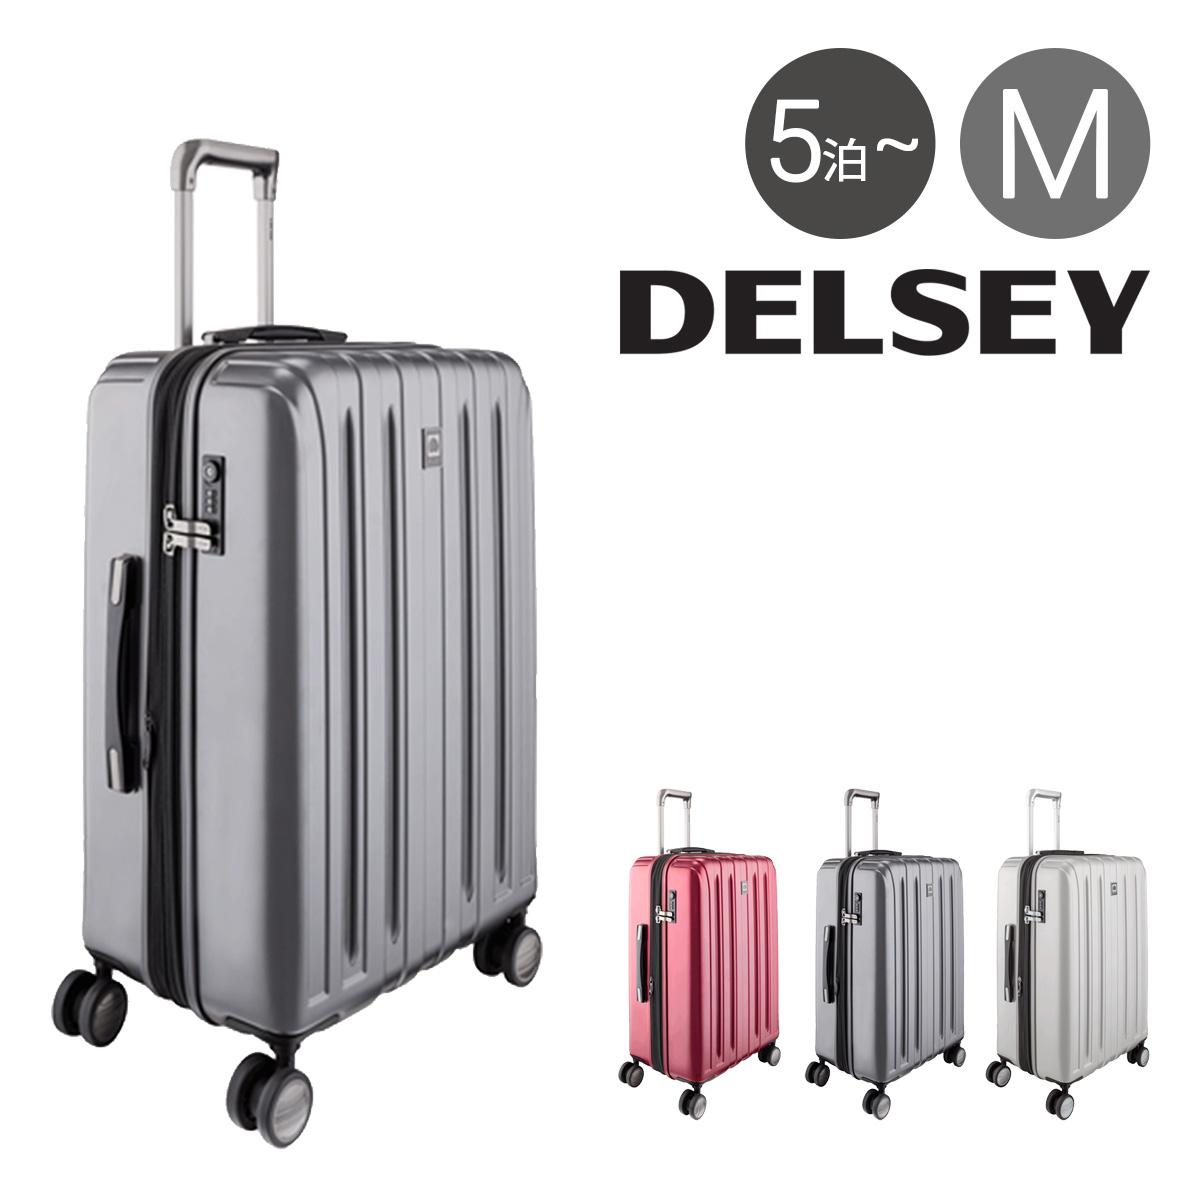 デルセー スーツケース 68L/75L 62cm 4.5kg DVAZ-62 軽量 拡張 サンコー 5年保証 ハード ファスナー TSAロック搭載 キャリーバッグ ビジネスキャリー [PO10][bef][即日発送]